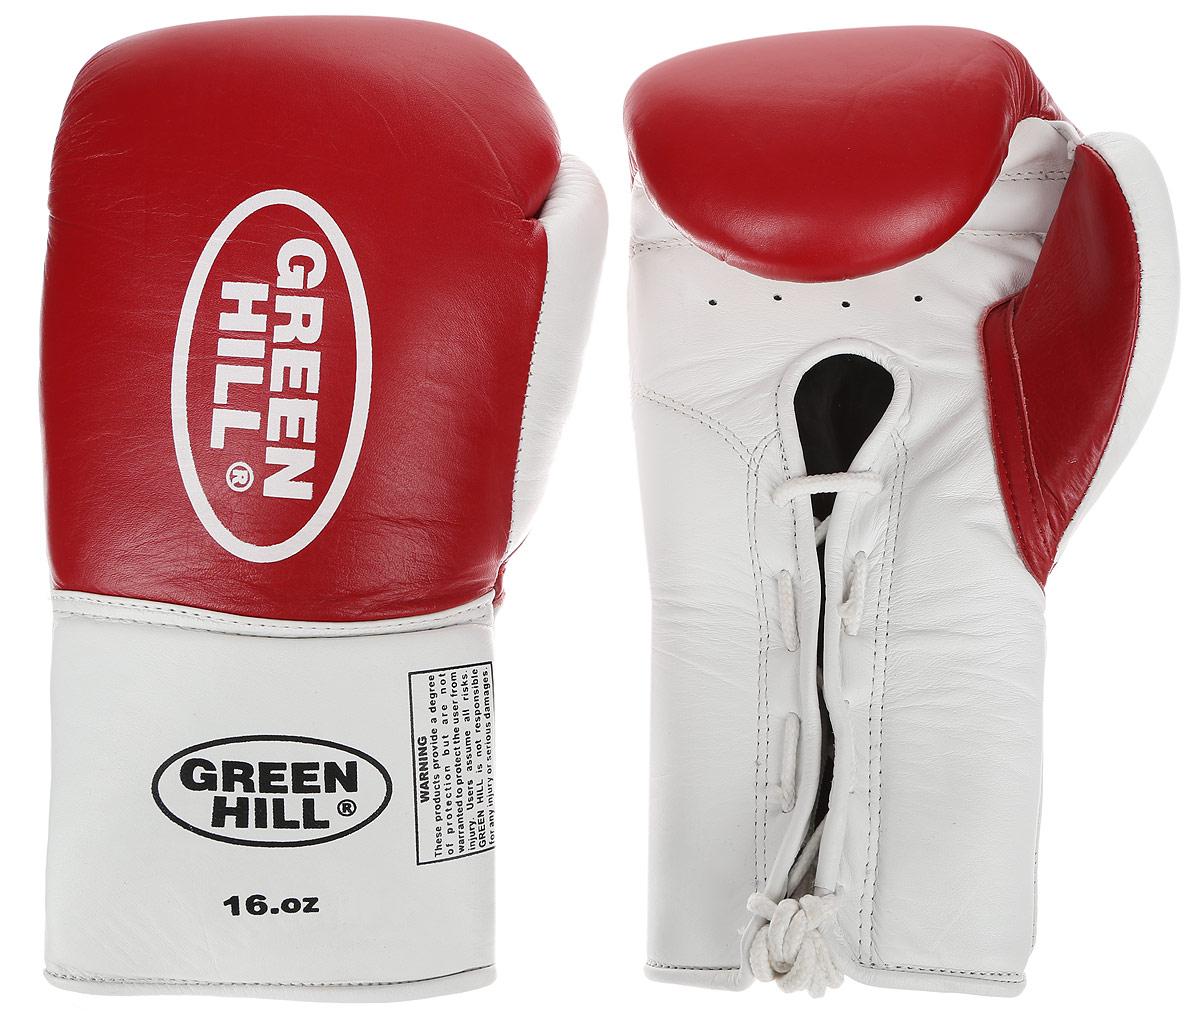 Перчатки боксерские Green Hill Proffi, цвет: красный, белый. Вес 16 унций. BGP-2014BGP-2014Боксерские перчатки Green Hill Proffi предназначены для использования профессионалами. Верх выполнен из натуральной кожи, наполнитель - из вспененного полимера. Отверстие в области ладони позволяет создать максимально комфортный терморежим во время занятий. Манжет на шнуровке способствует быстрому и удобному надеванию перчаток, плотно фиксирует перчатки на руке.